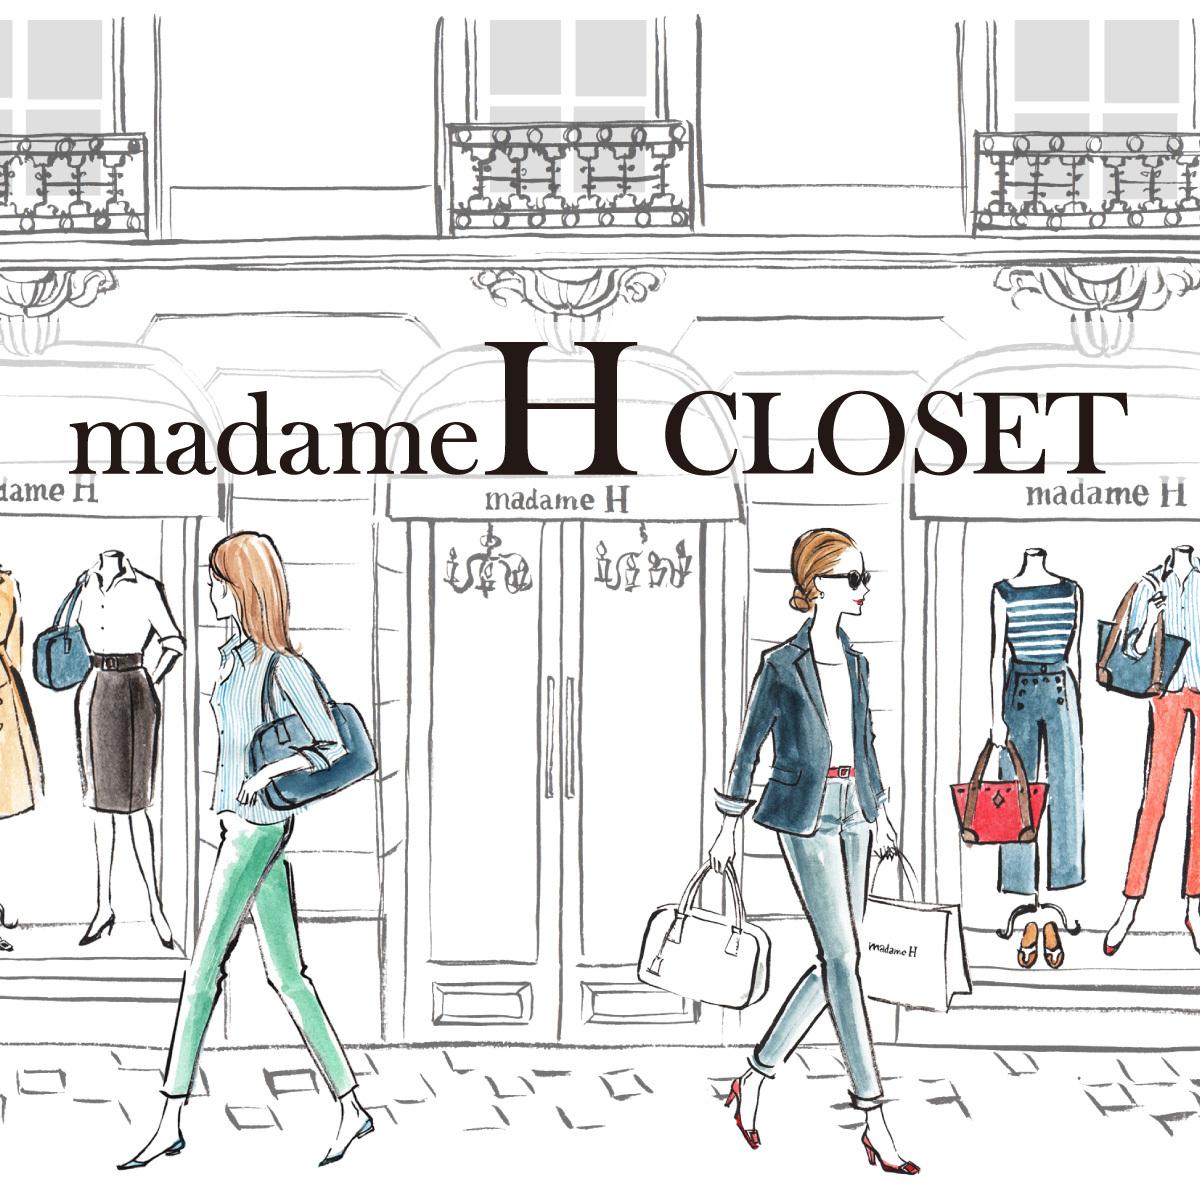 madameH CLOSET